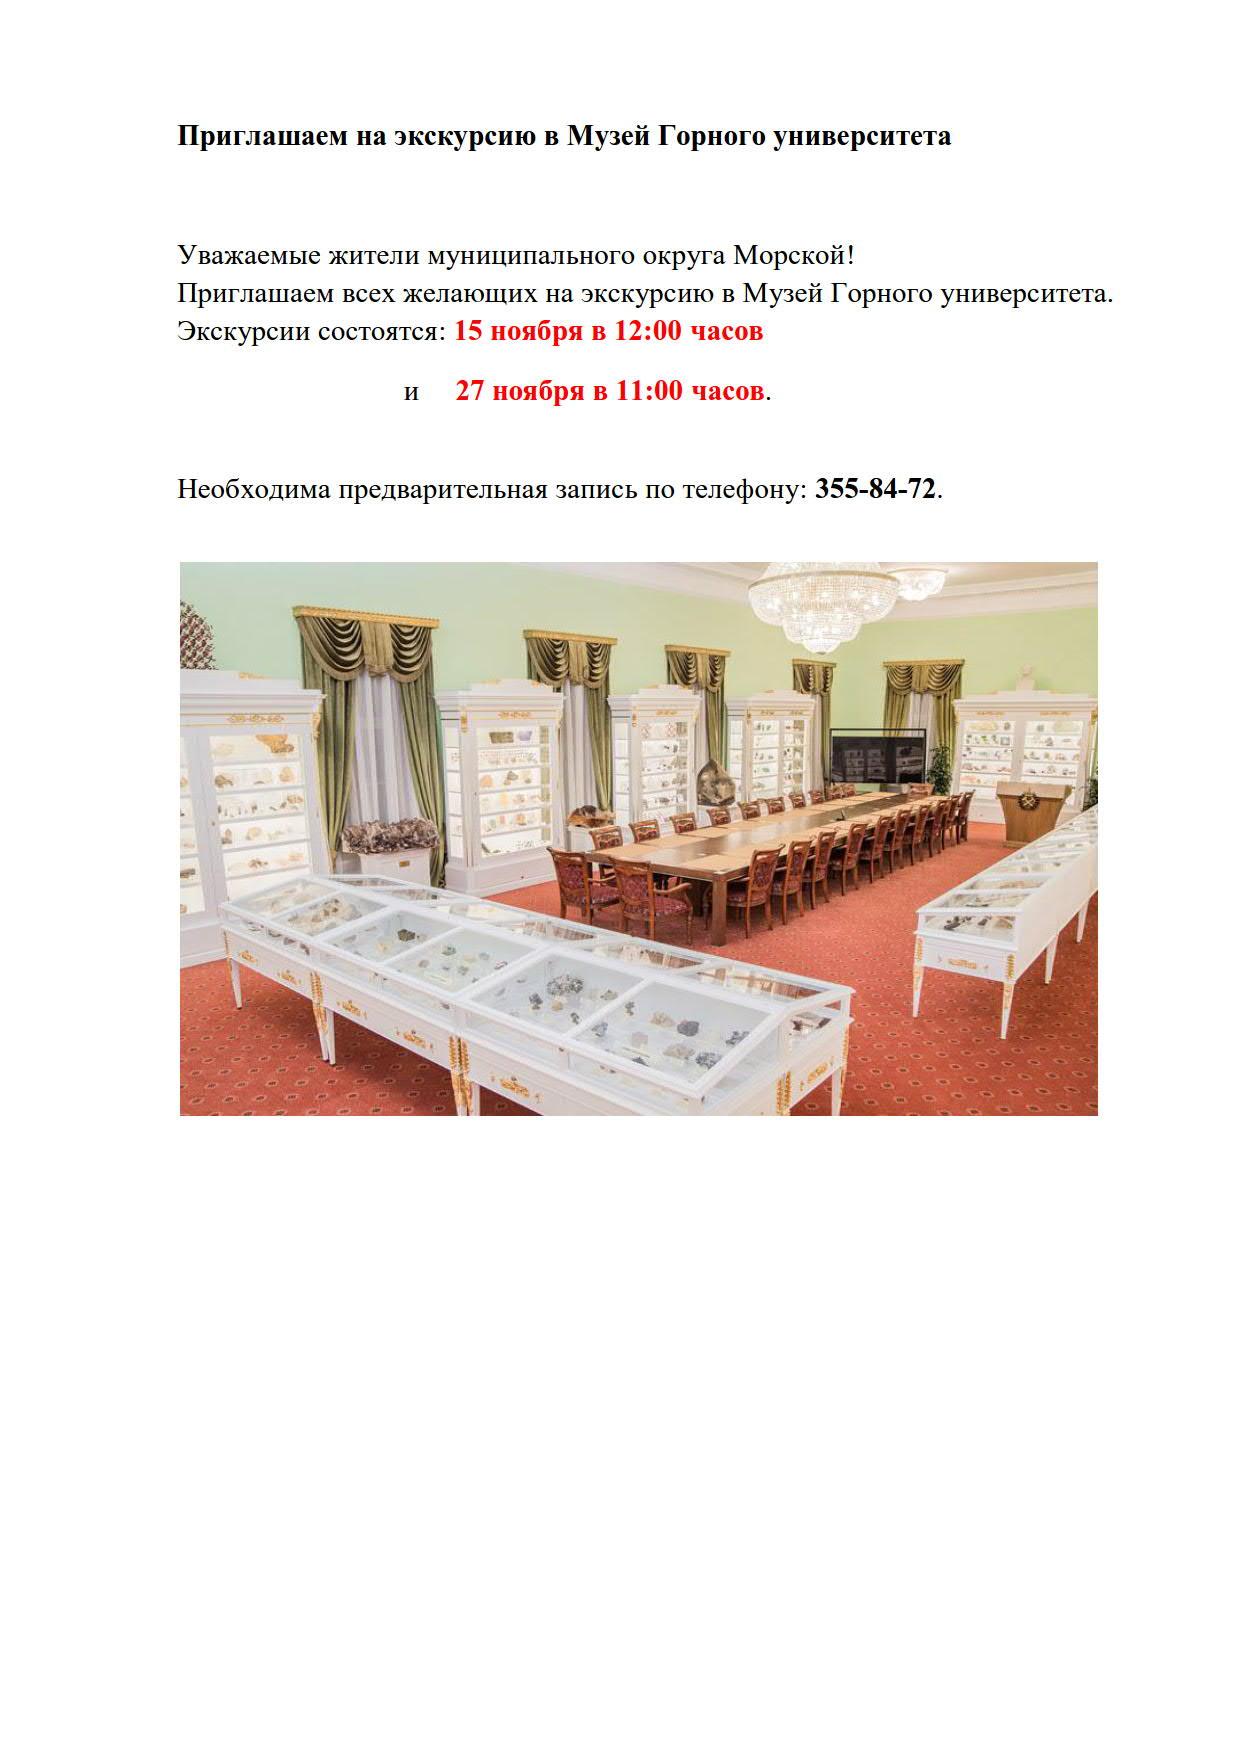 16.10.2019 МУЗЕЙ ГОРНОГО УНИВЕРСИТЕТА_1